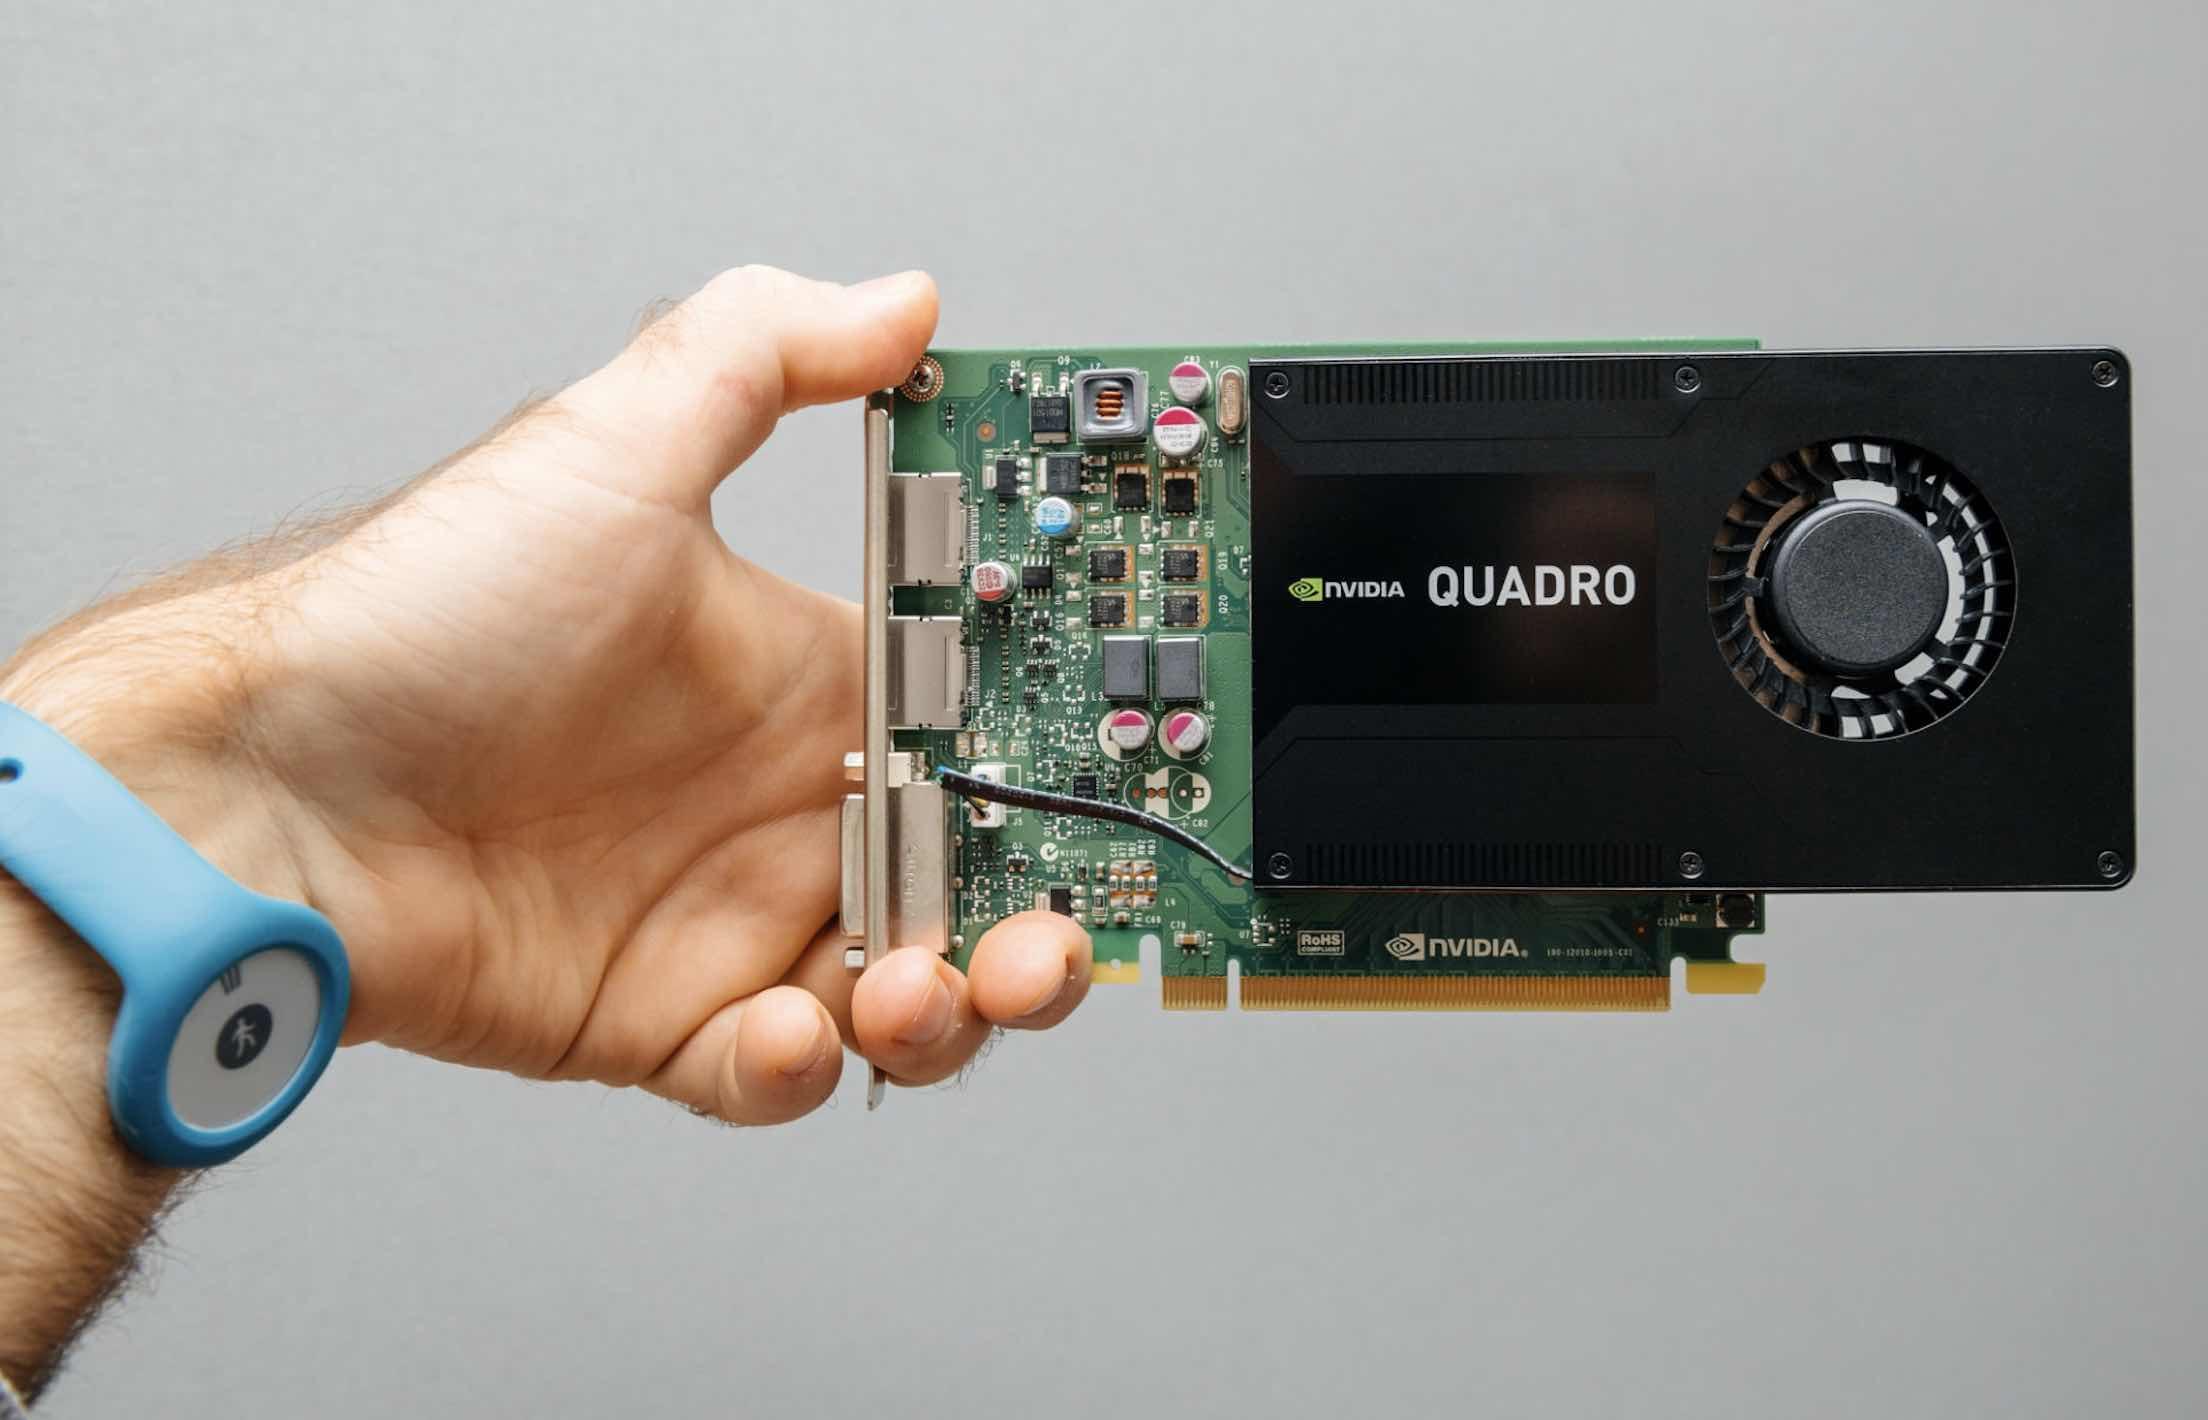 Chọn mua GPU để chơi game và đồ họa: Nvidia hay Radeon